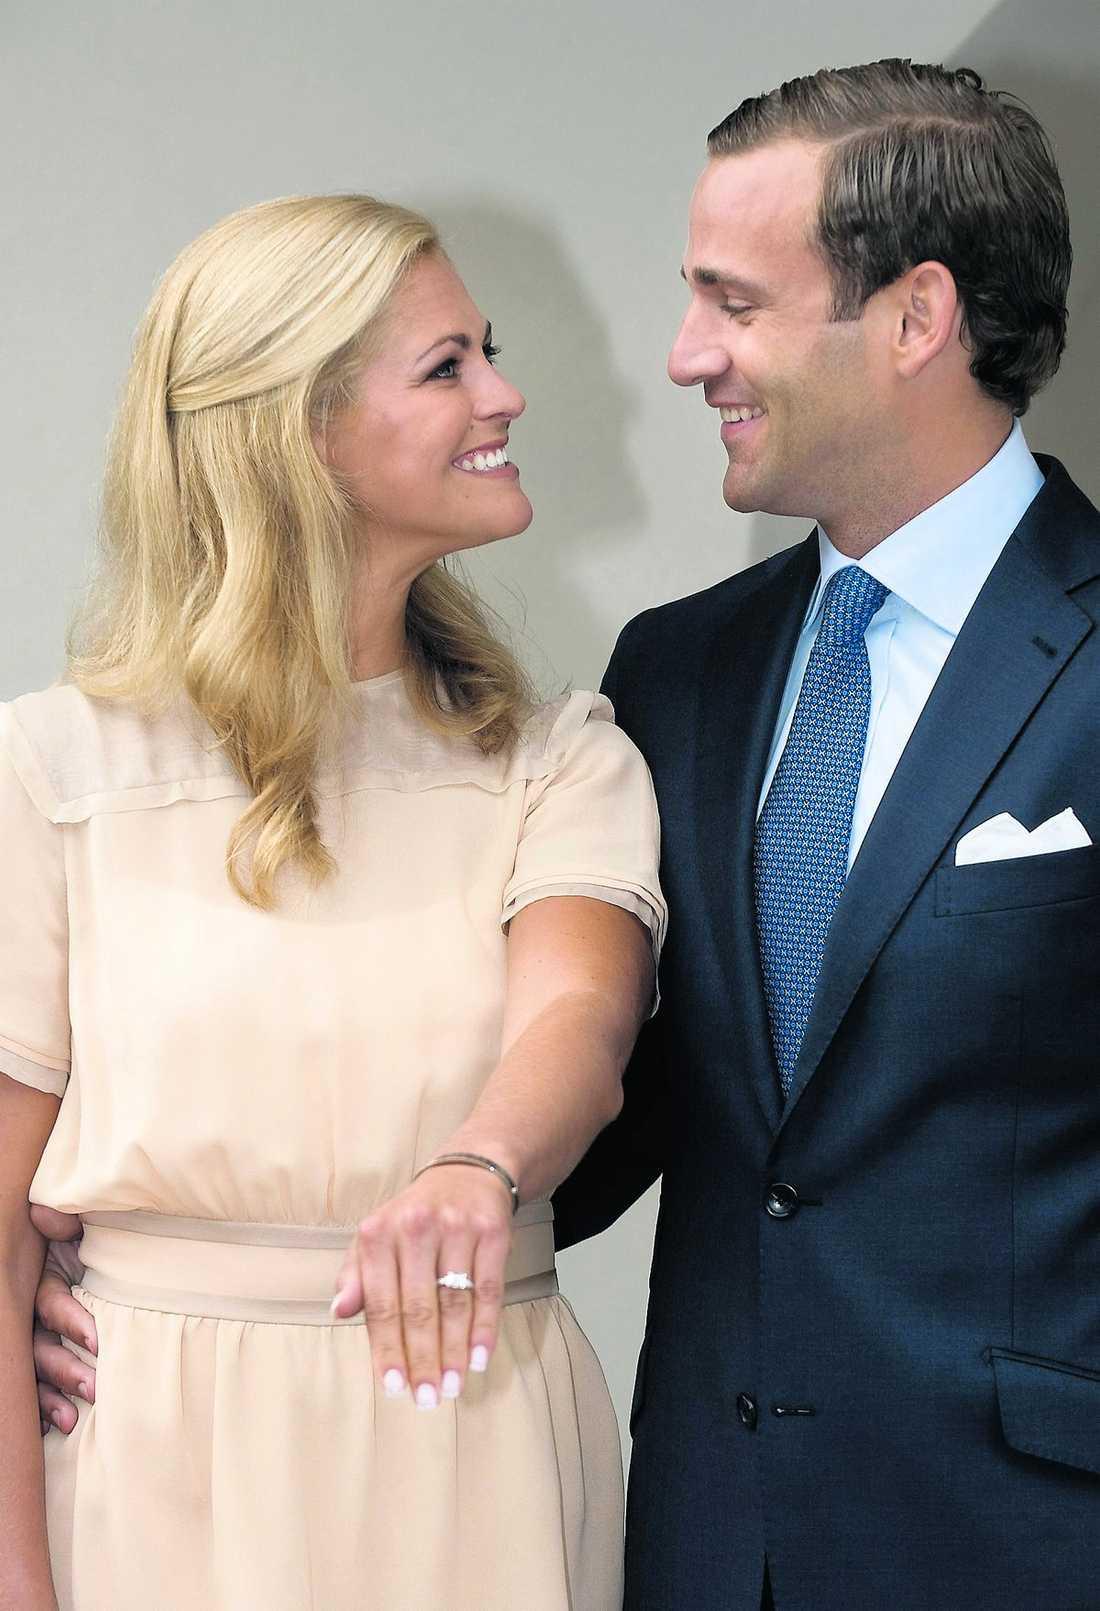 Kärleken För exakt ett år sedan förlovade sig prinsessan Madeleine med Jonas Bergström i Capri. Två månader senare tillkännagav de förlovningen.